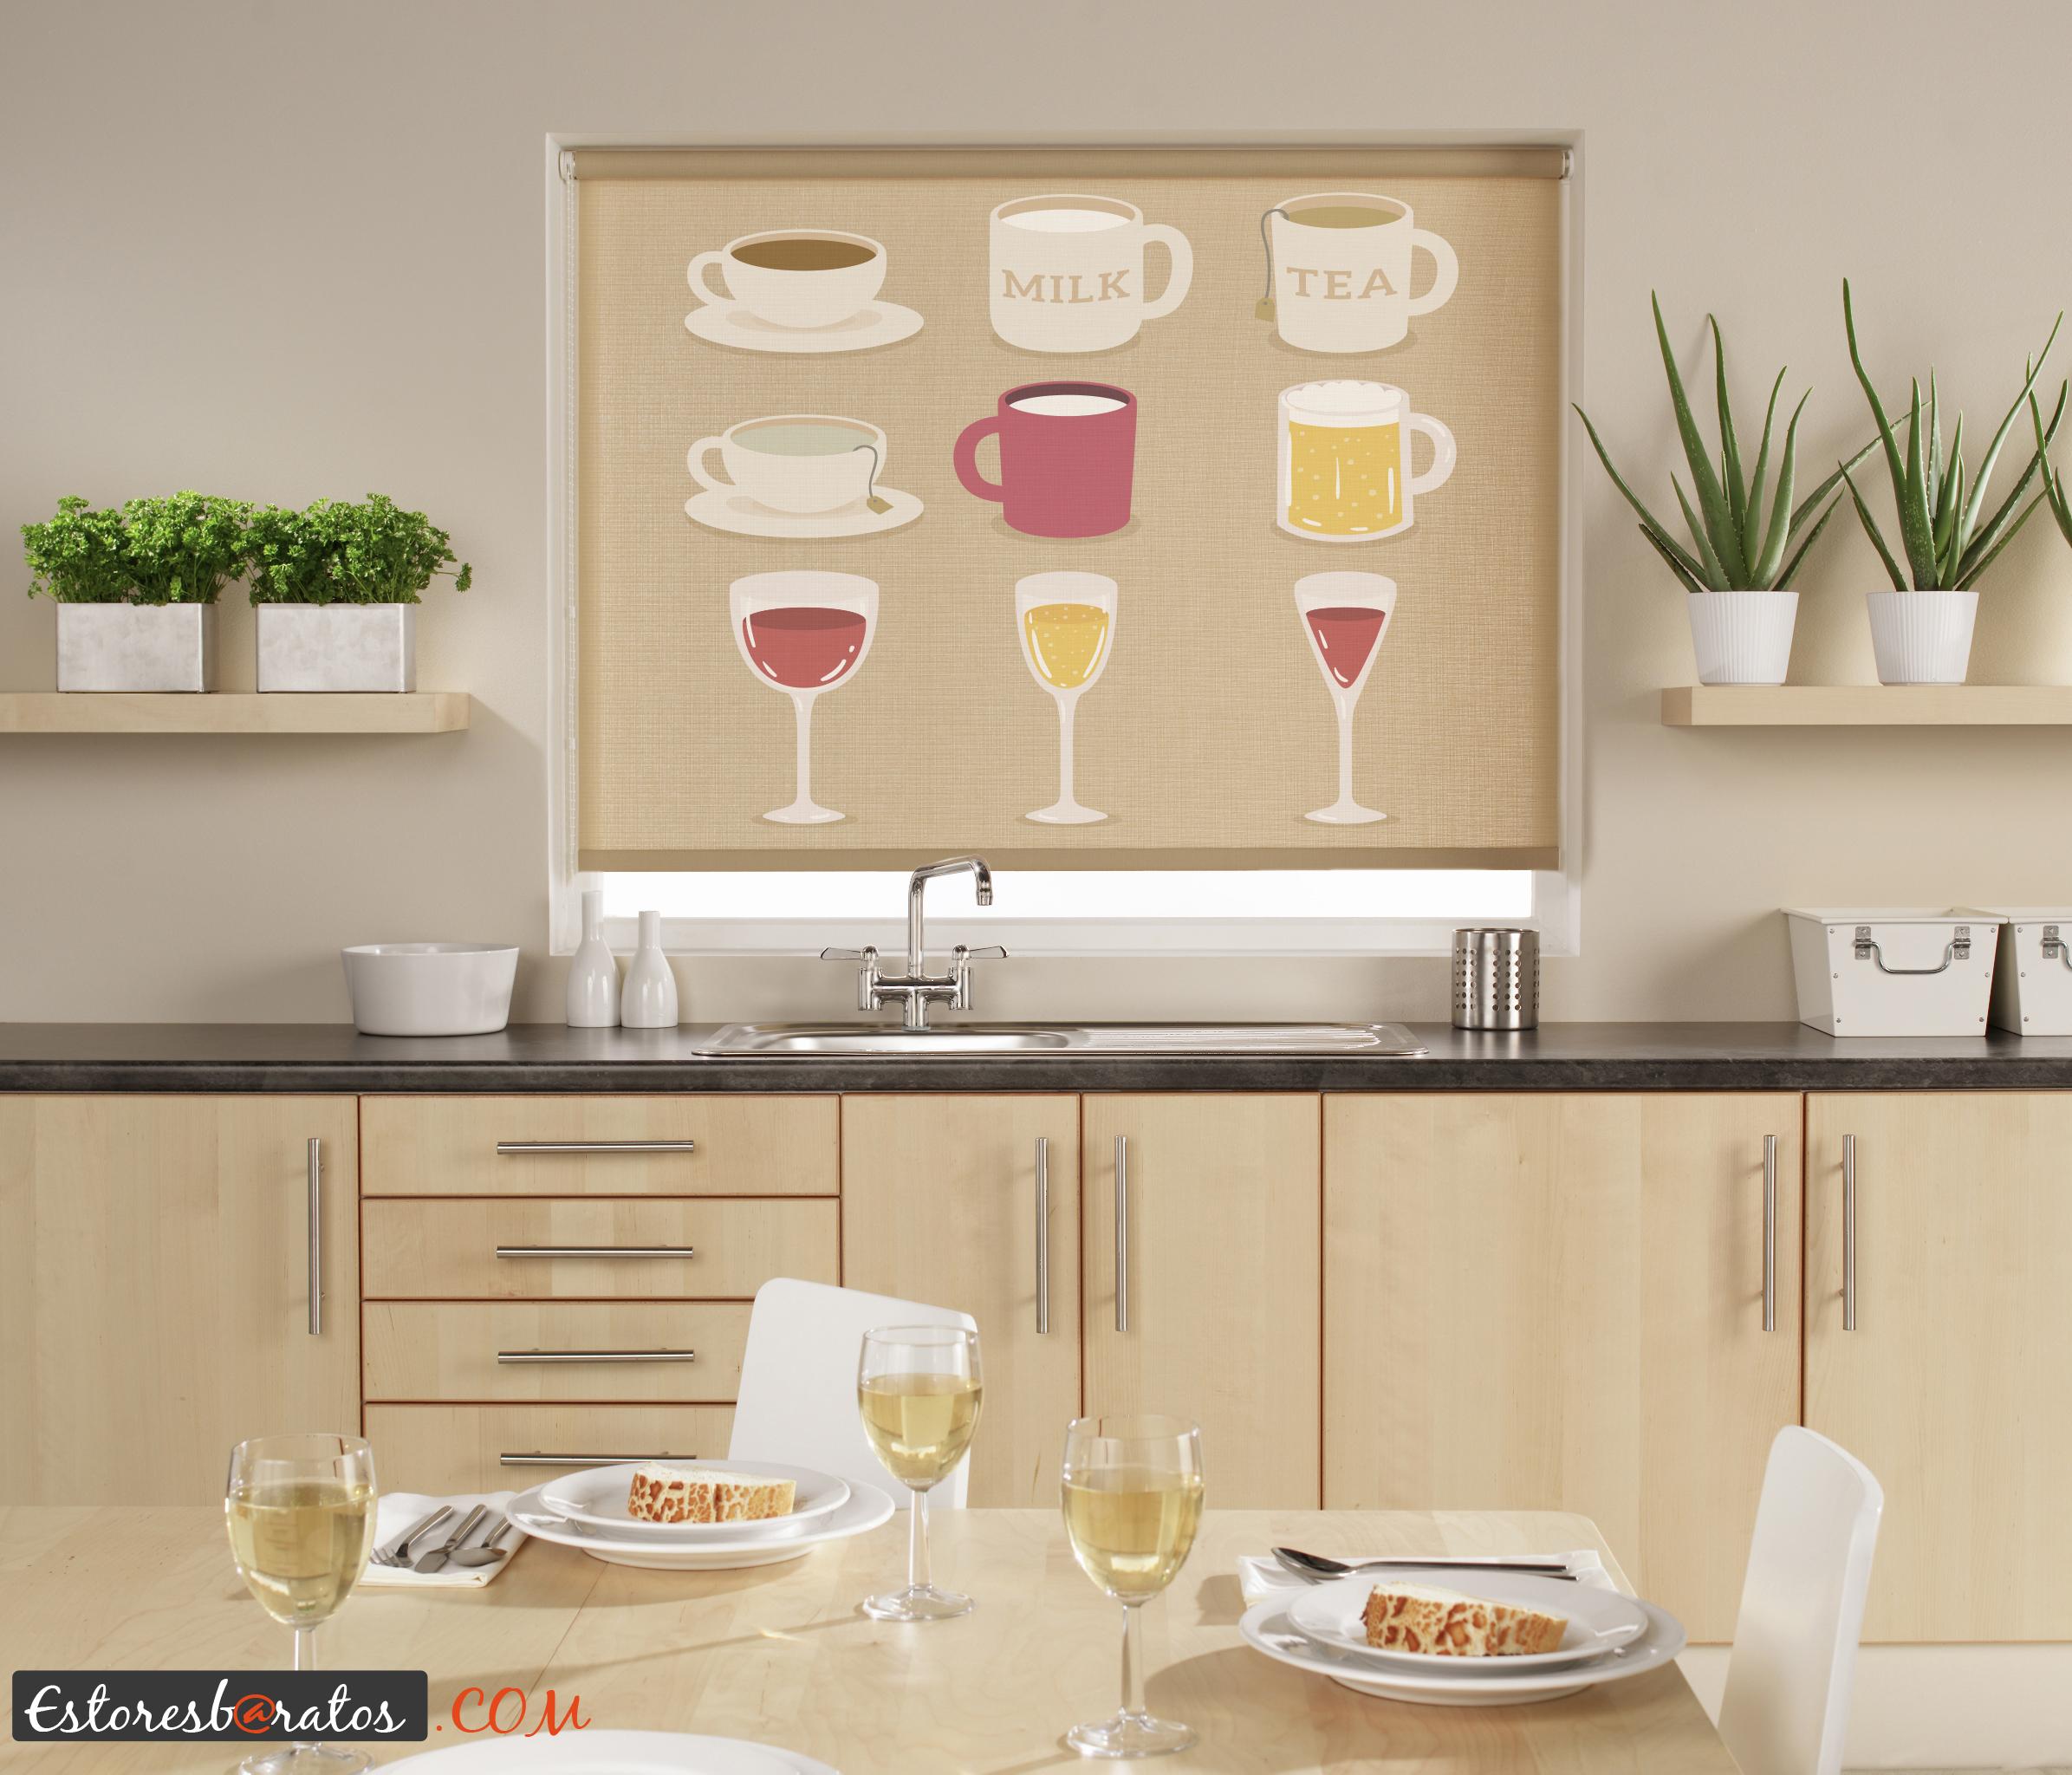 Personalizar tus estancias con estores a medida blog tienda decoraci n estilo n rdico - Estores de cocina ...